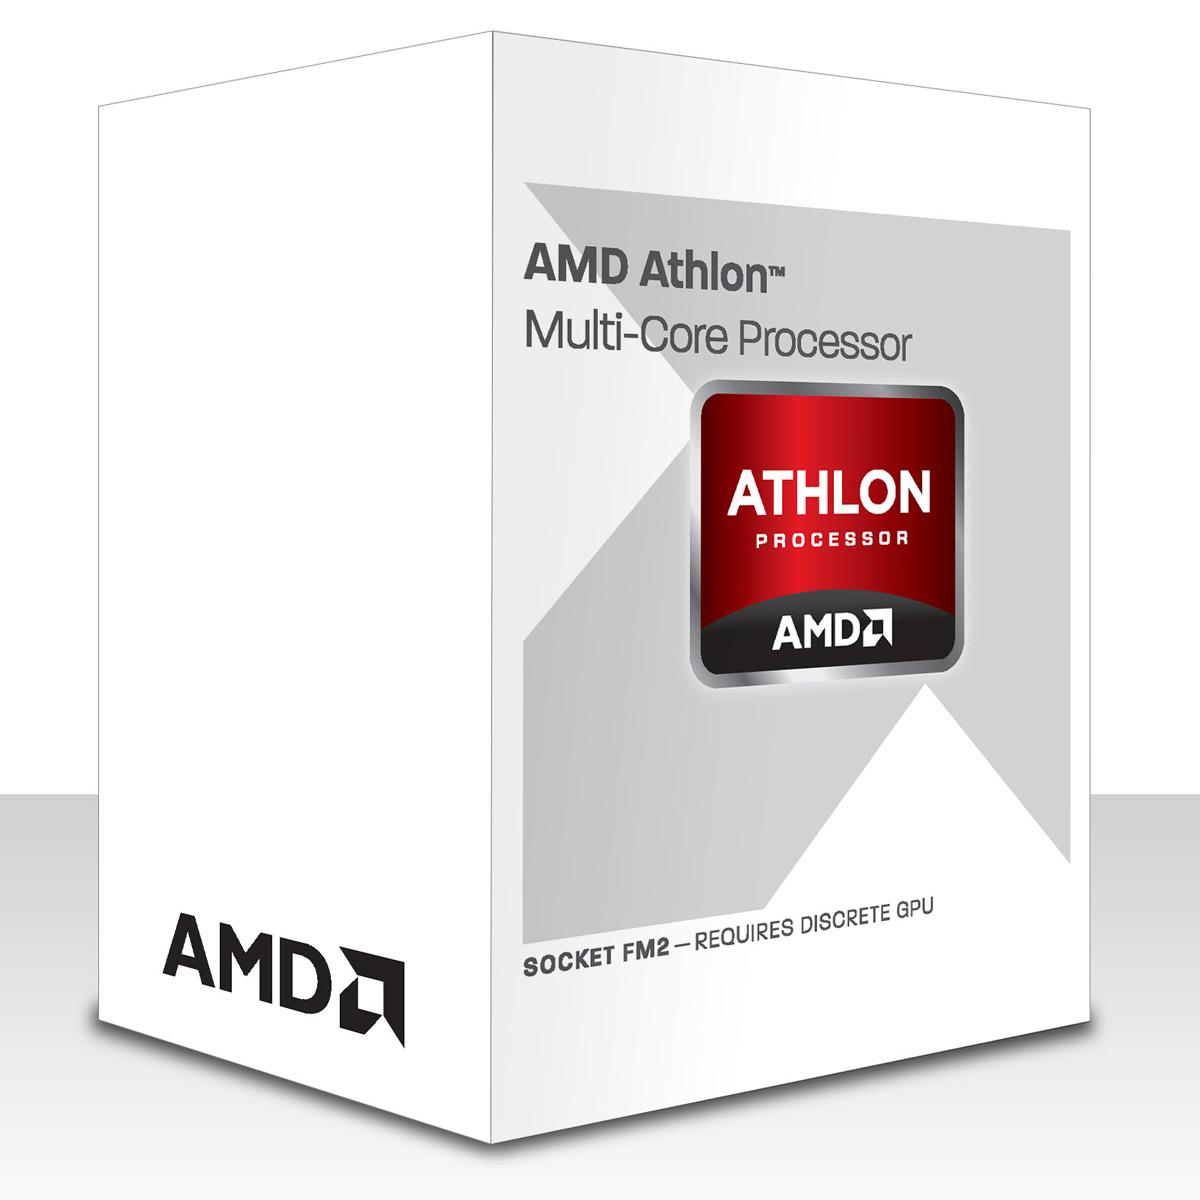 Processeur AMD Athlon X4 740 (3.2 GHz) Processeur Quad Core Socket FM2 0.032 micron Cache L2 4 Mo (version boîte - garantie constructeur 3 ans)